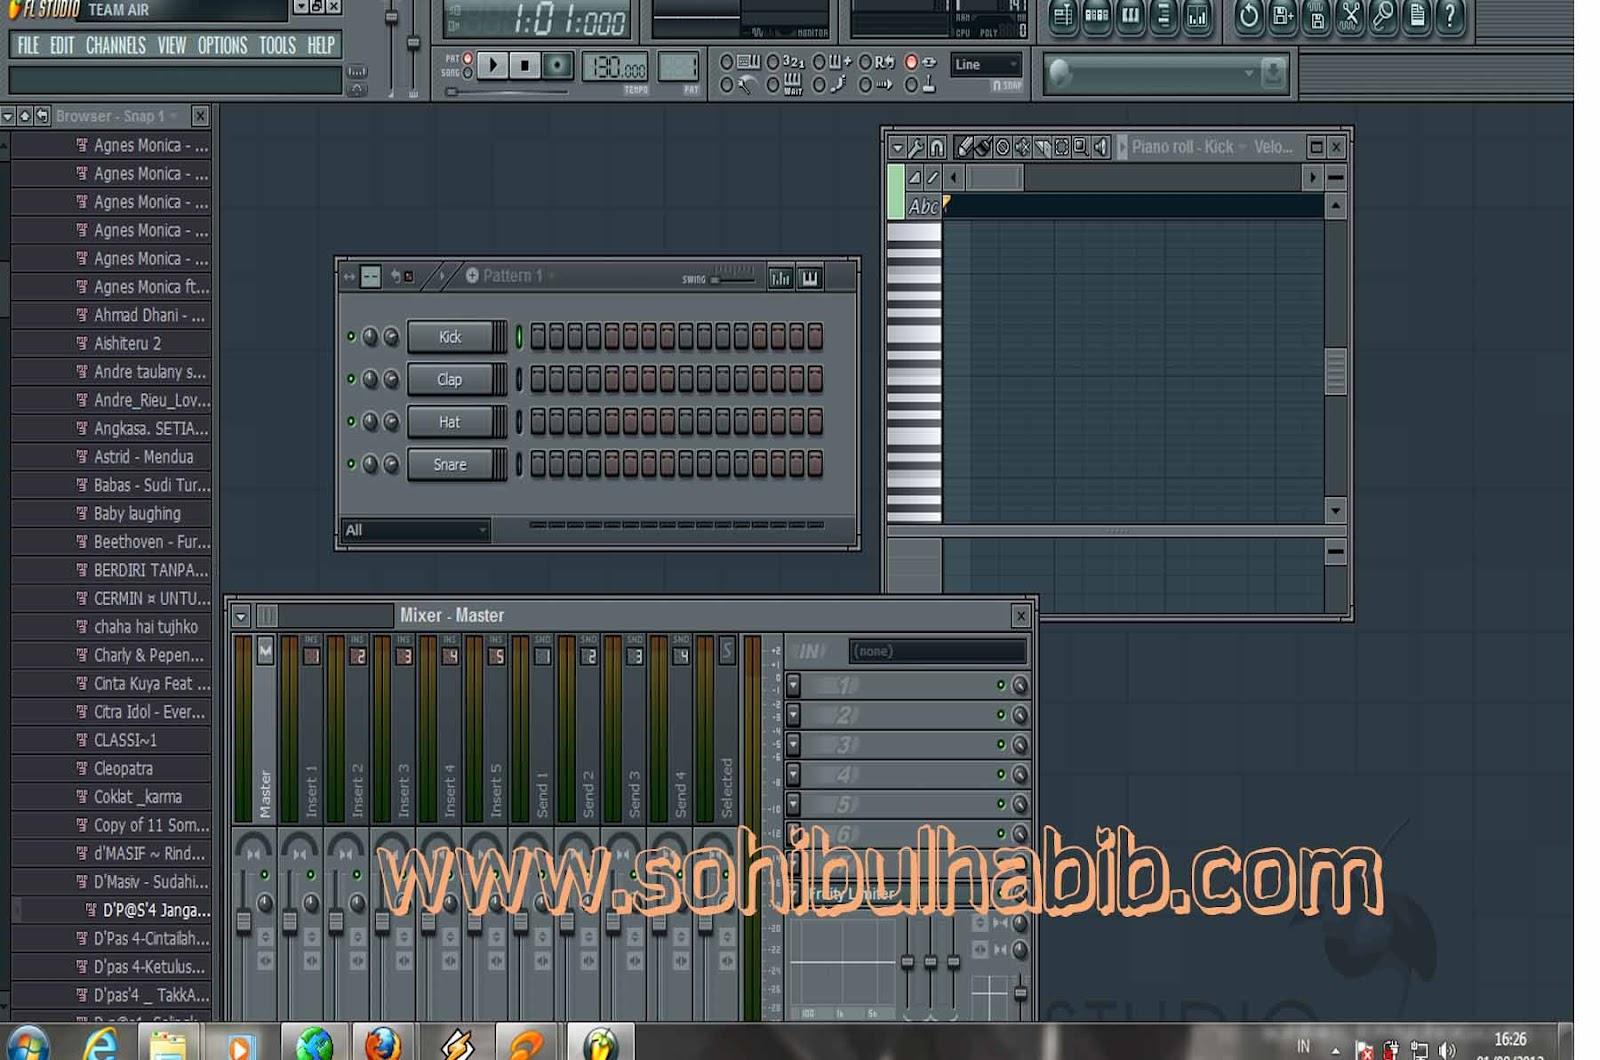 FL Studio для ЧайниковFL Studio 10 скачать бесплатно Да, кряк для FL Studio